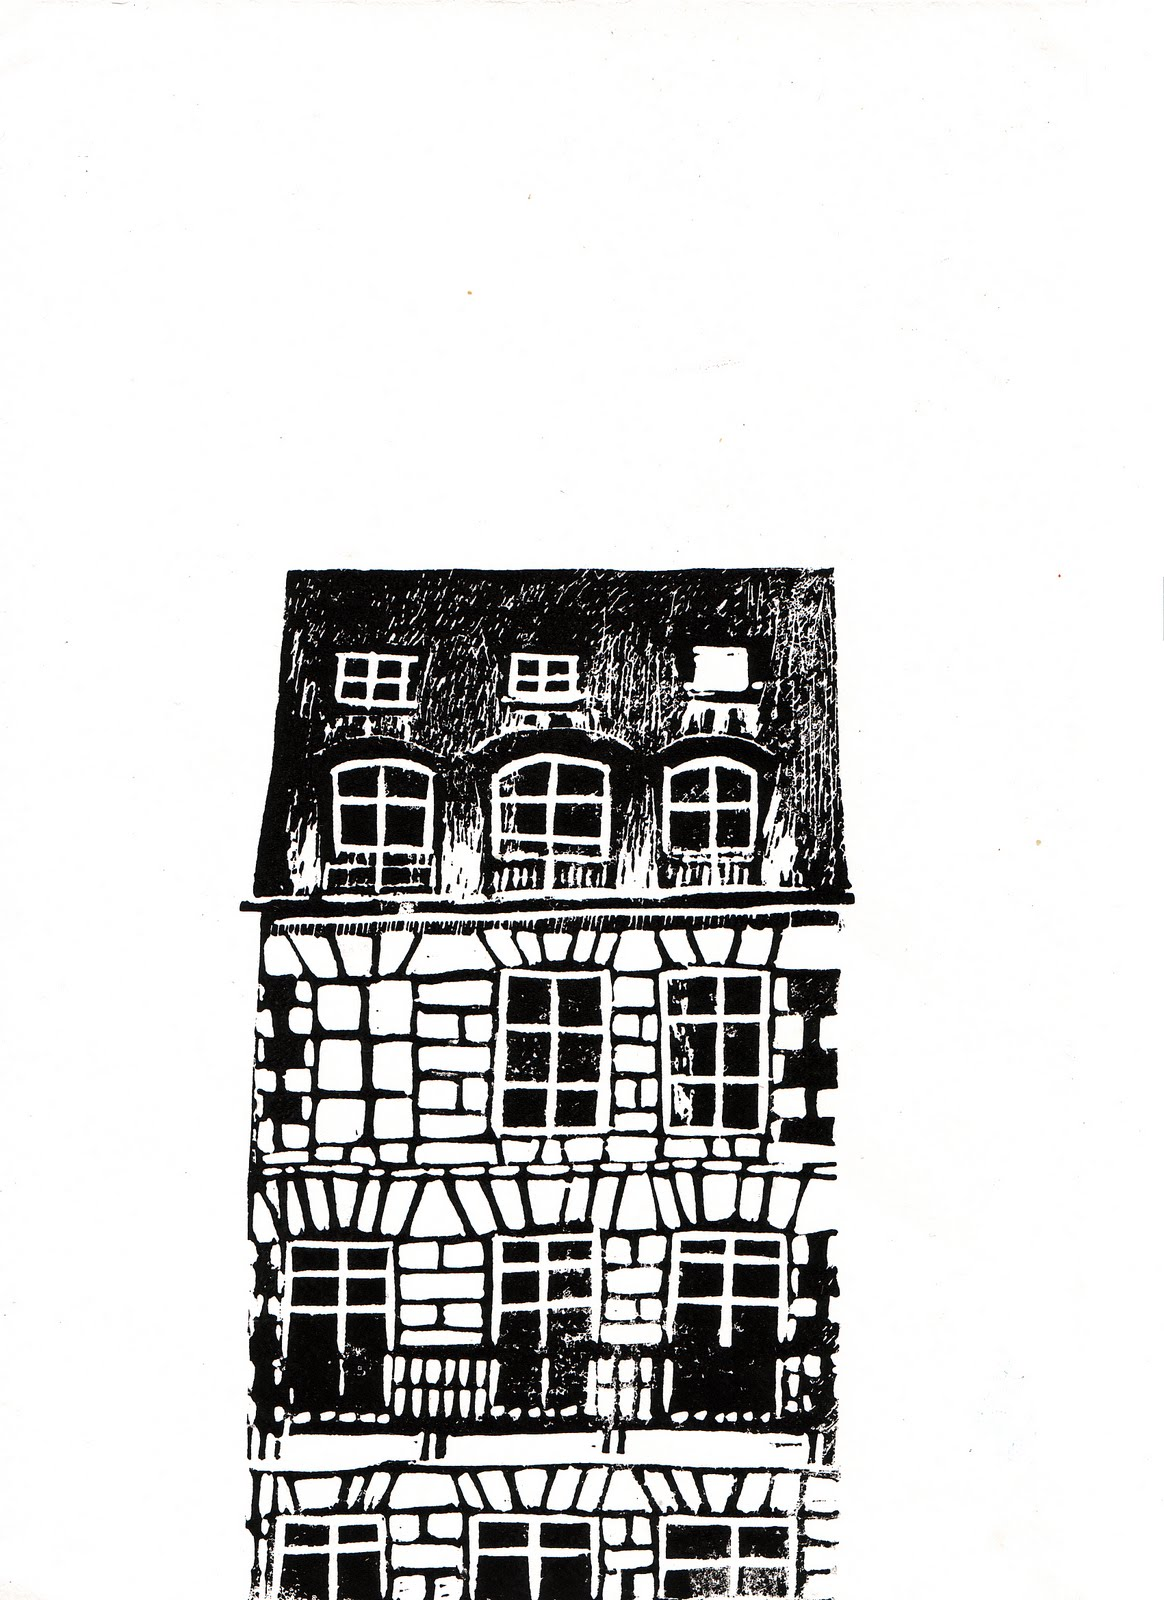 [apartmentbuilding]